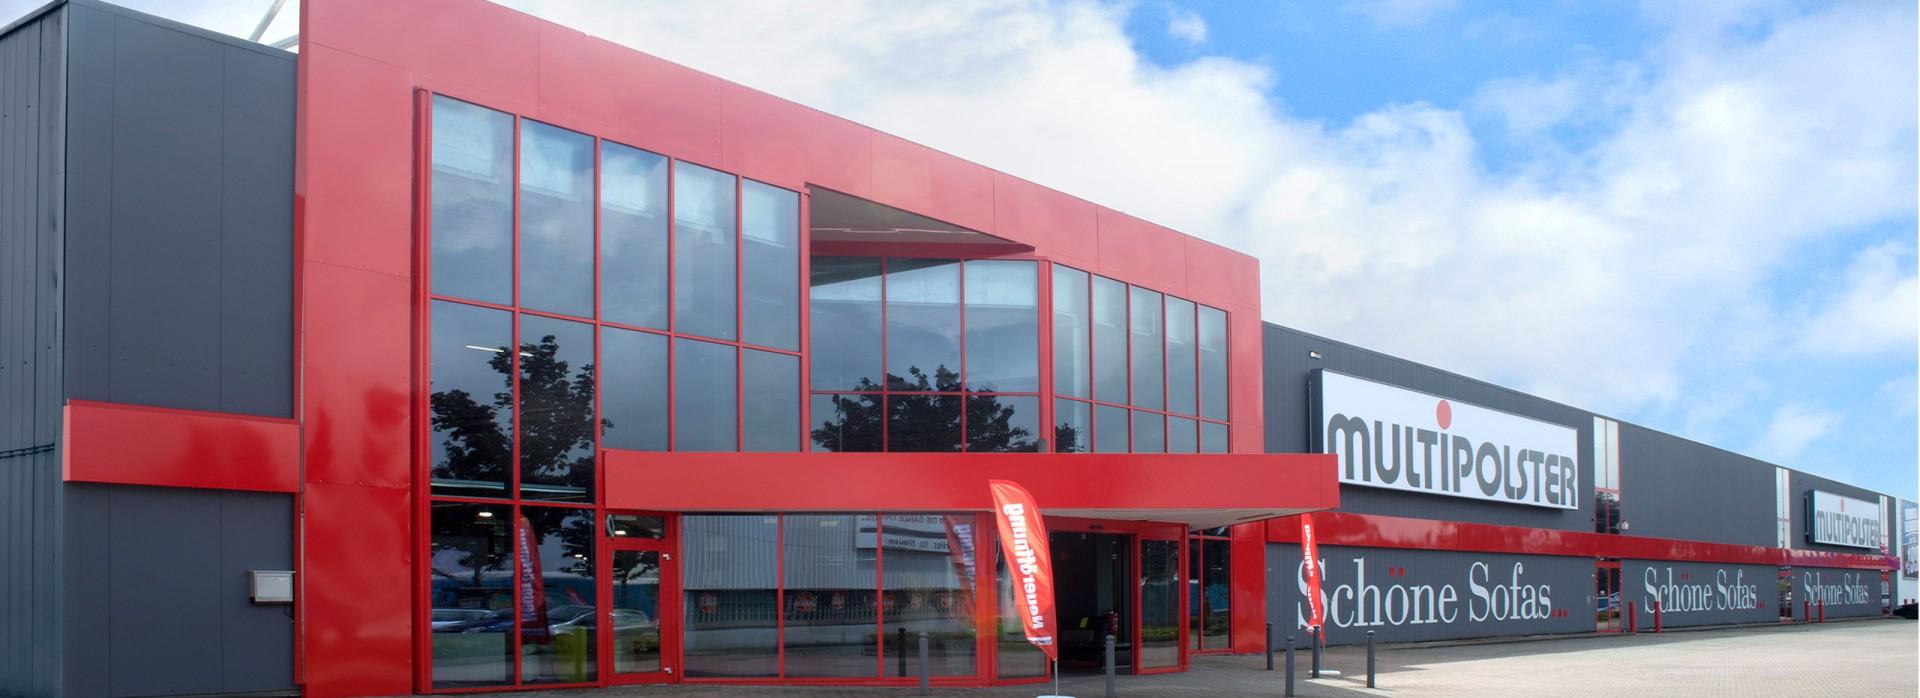 Multipolster -  Dortmund Indupark